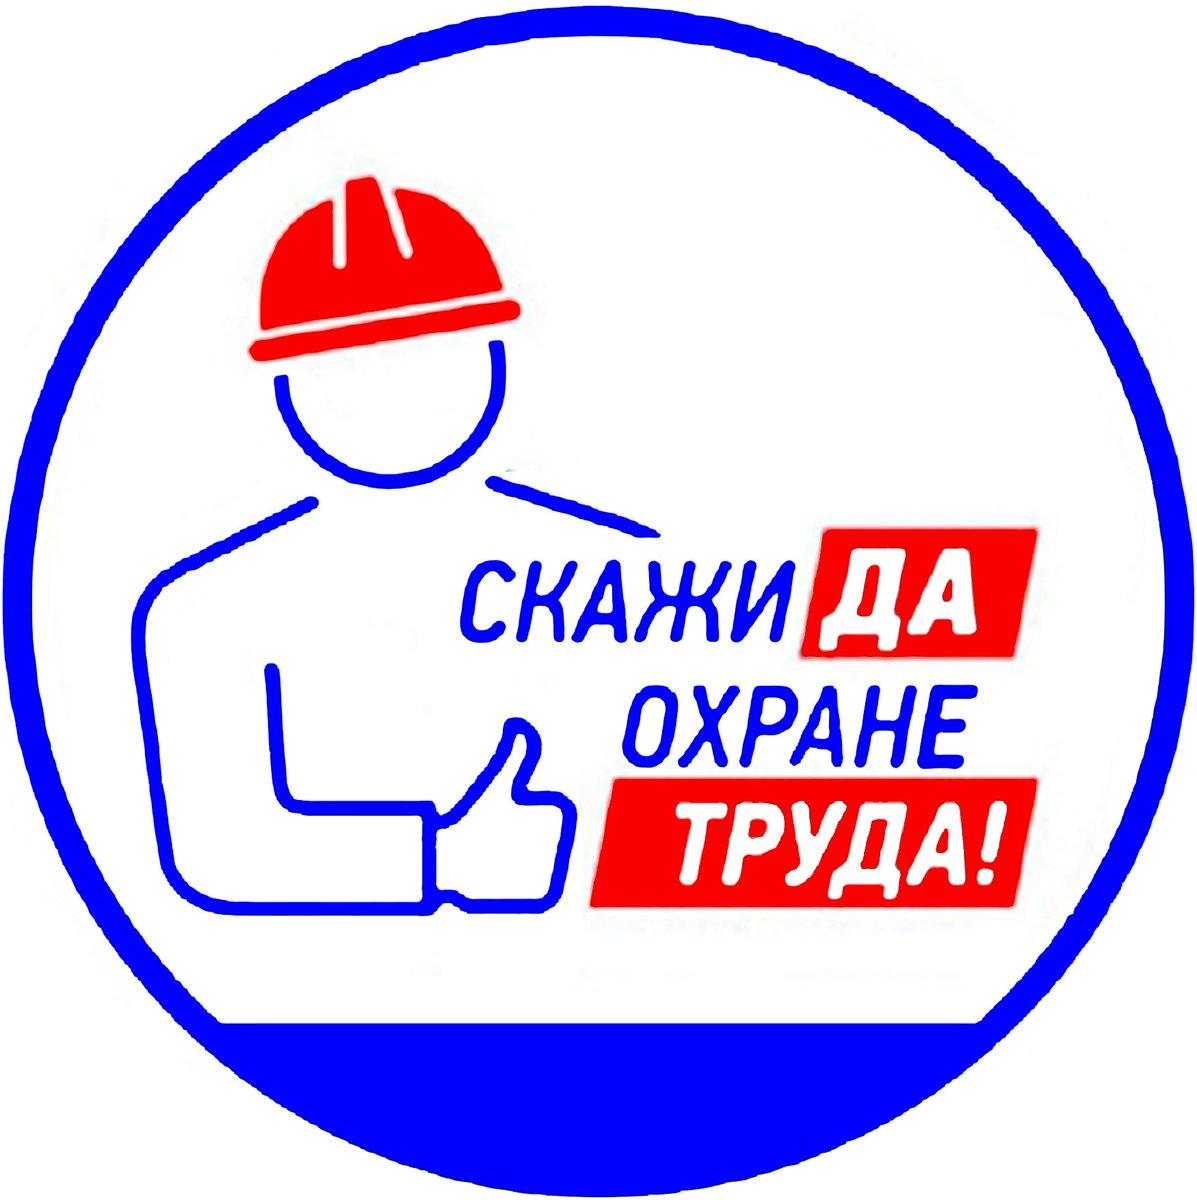 Картинки о охране труда